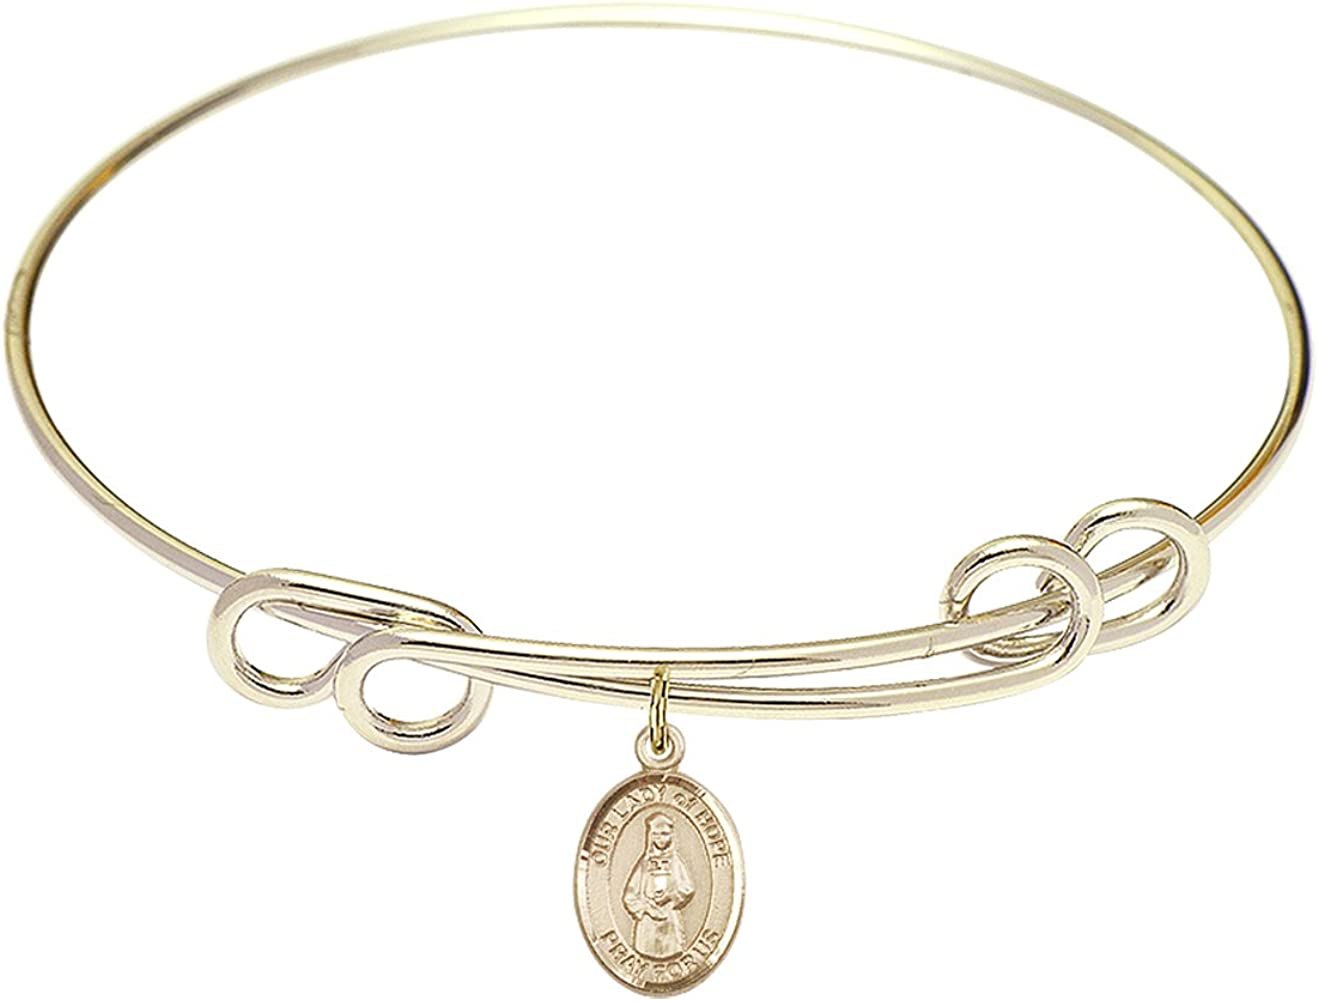 DiamondJewelryNY Double Loop Bangle Bracelet with a O/L of Hope Charm.